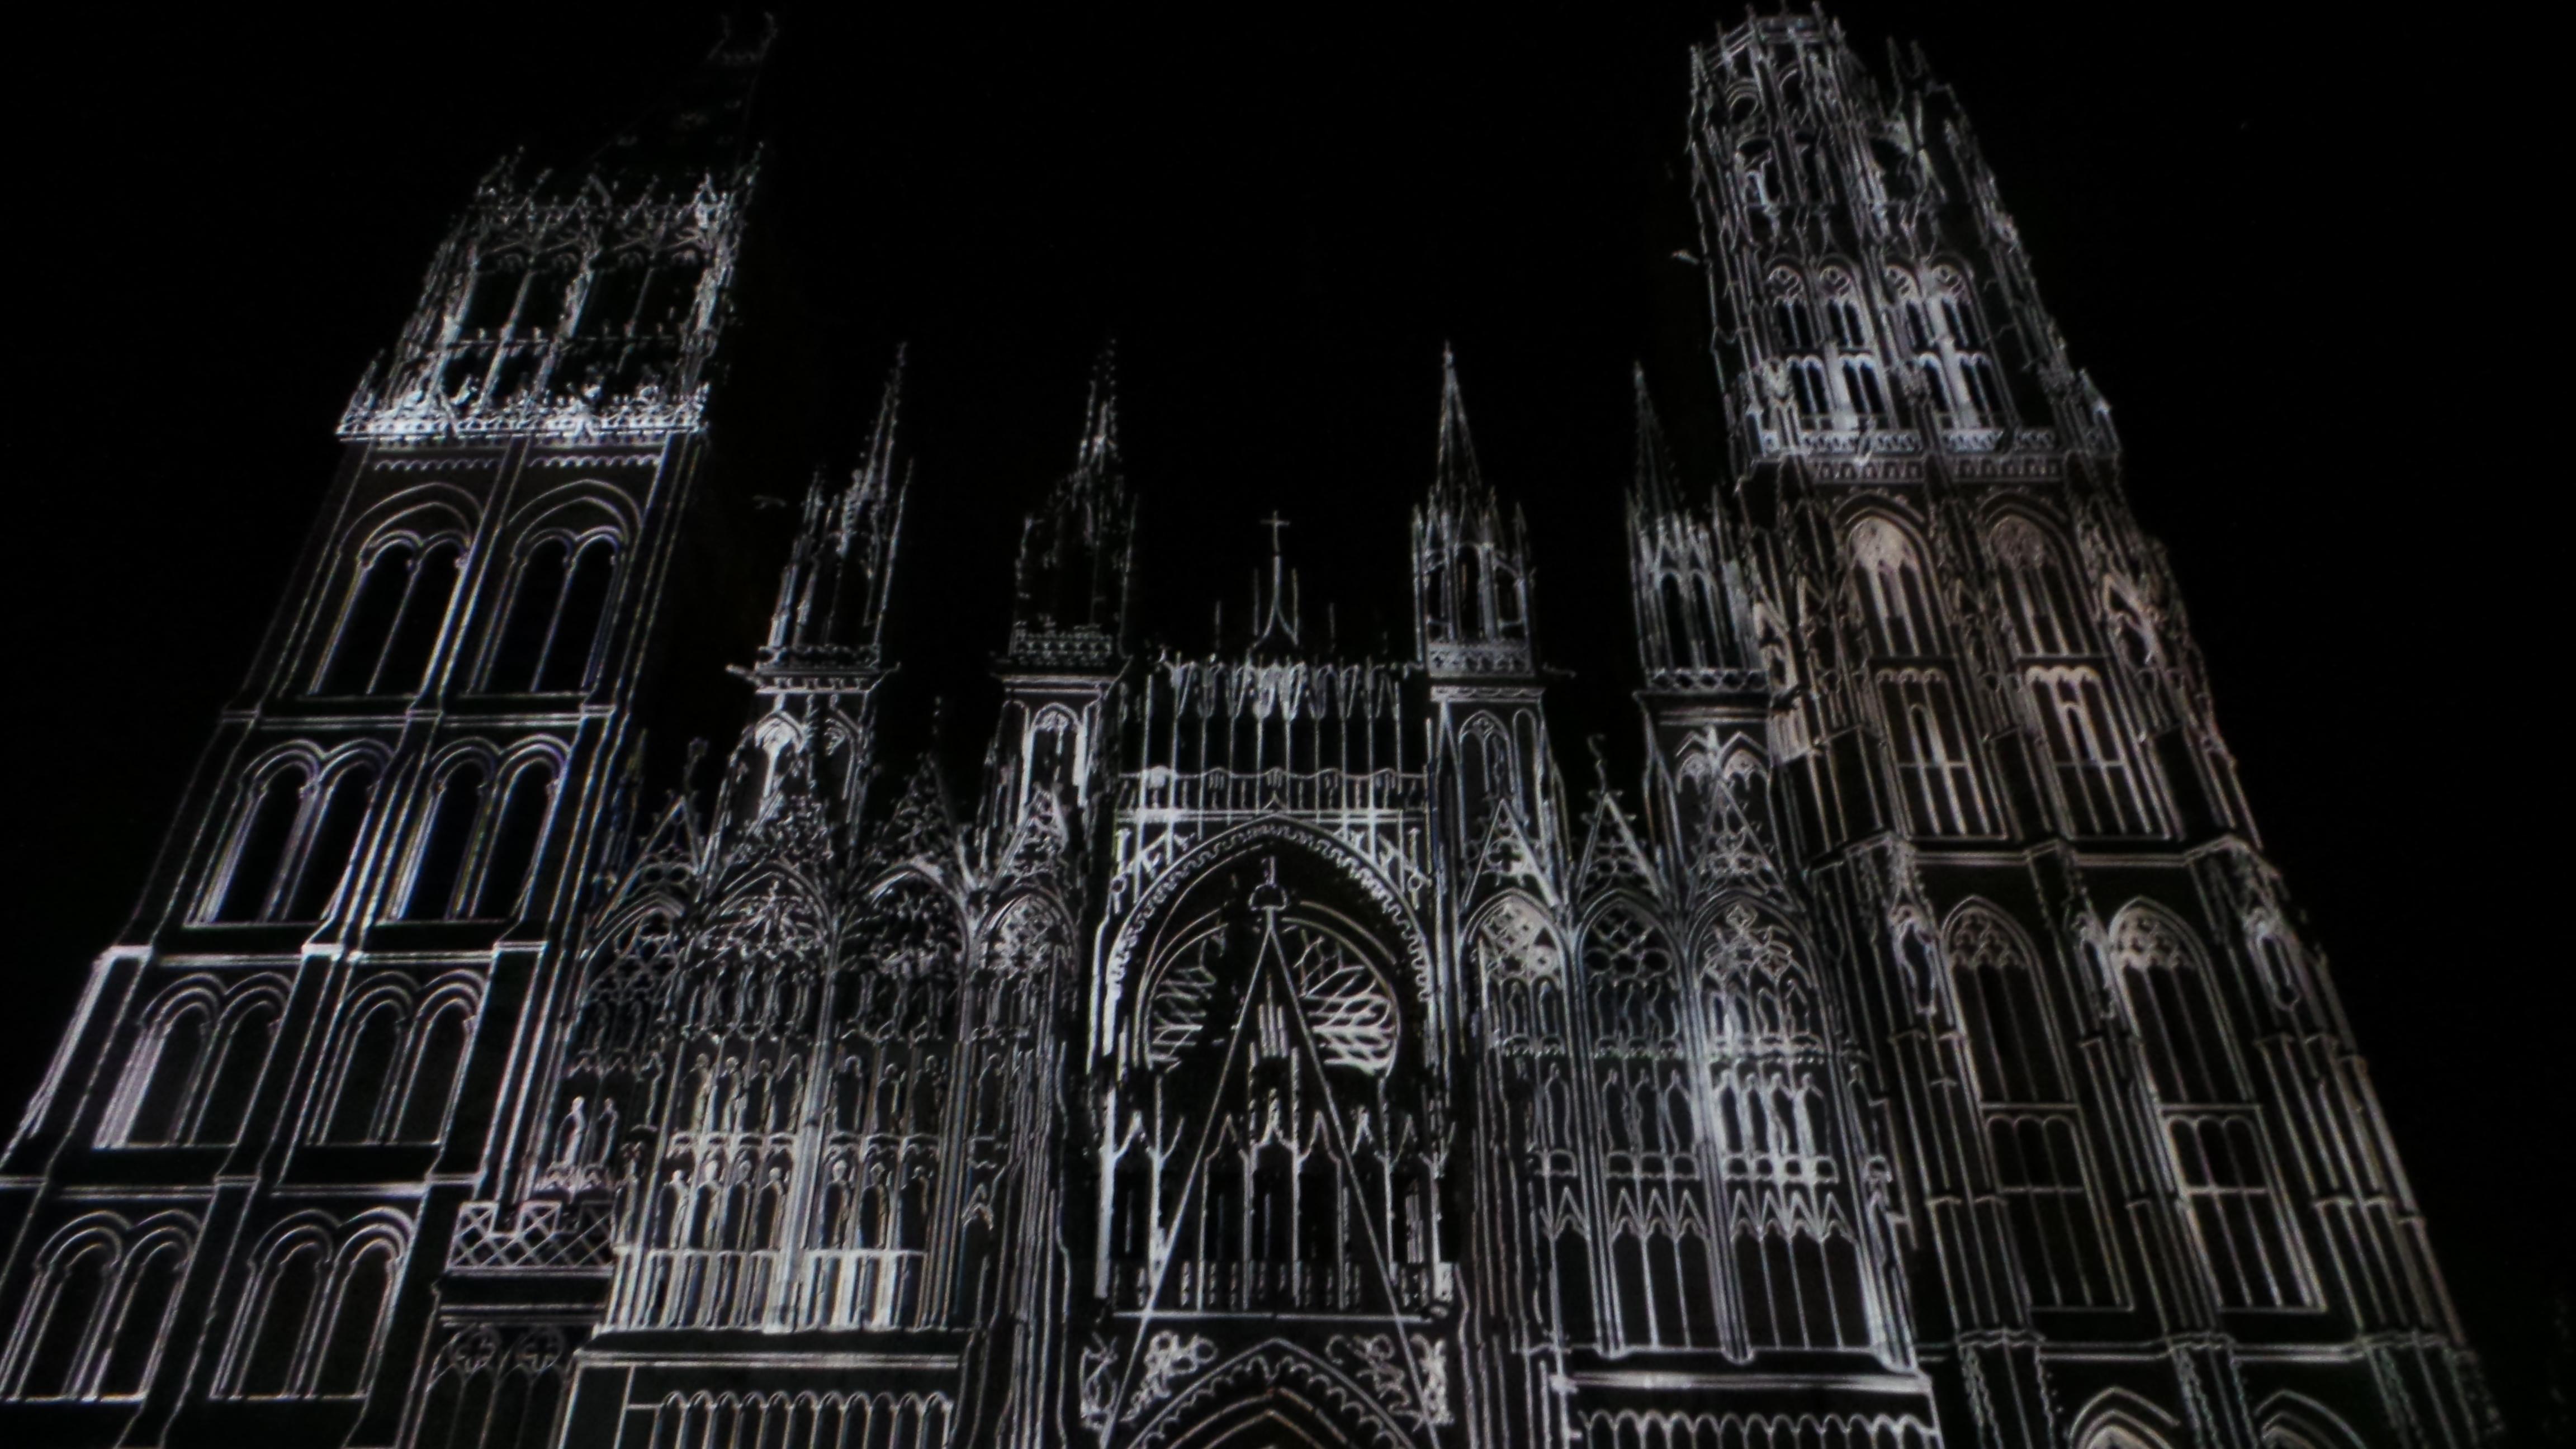 20150821_224314 - Cathedrale de Lmumière ROUEN 2015 Vikings Jeannes